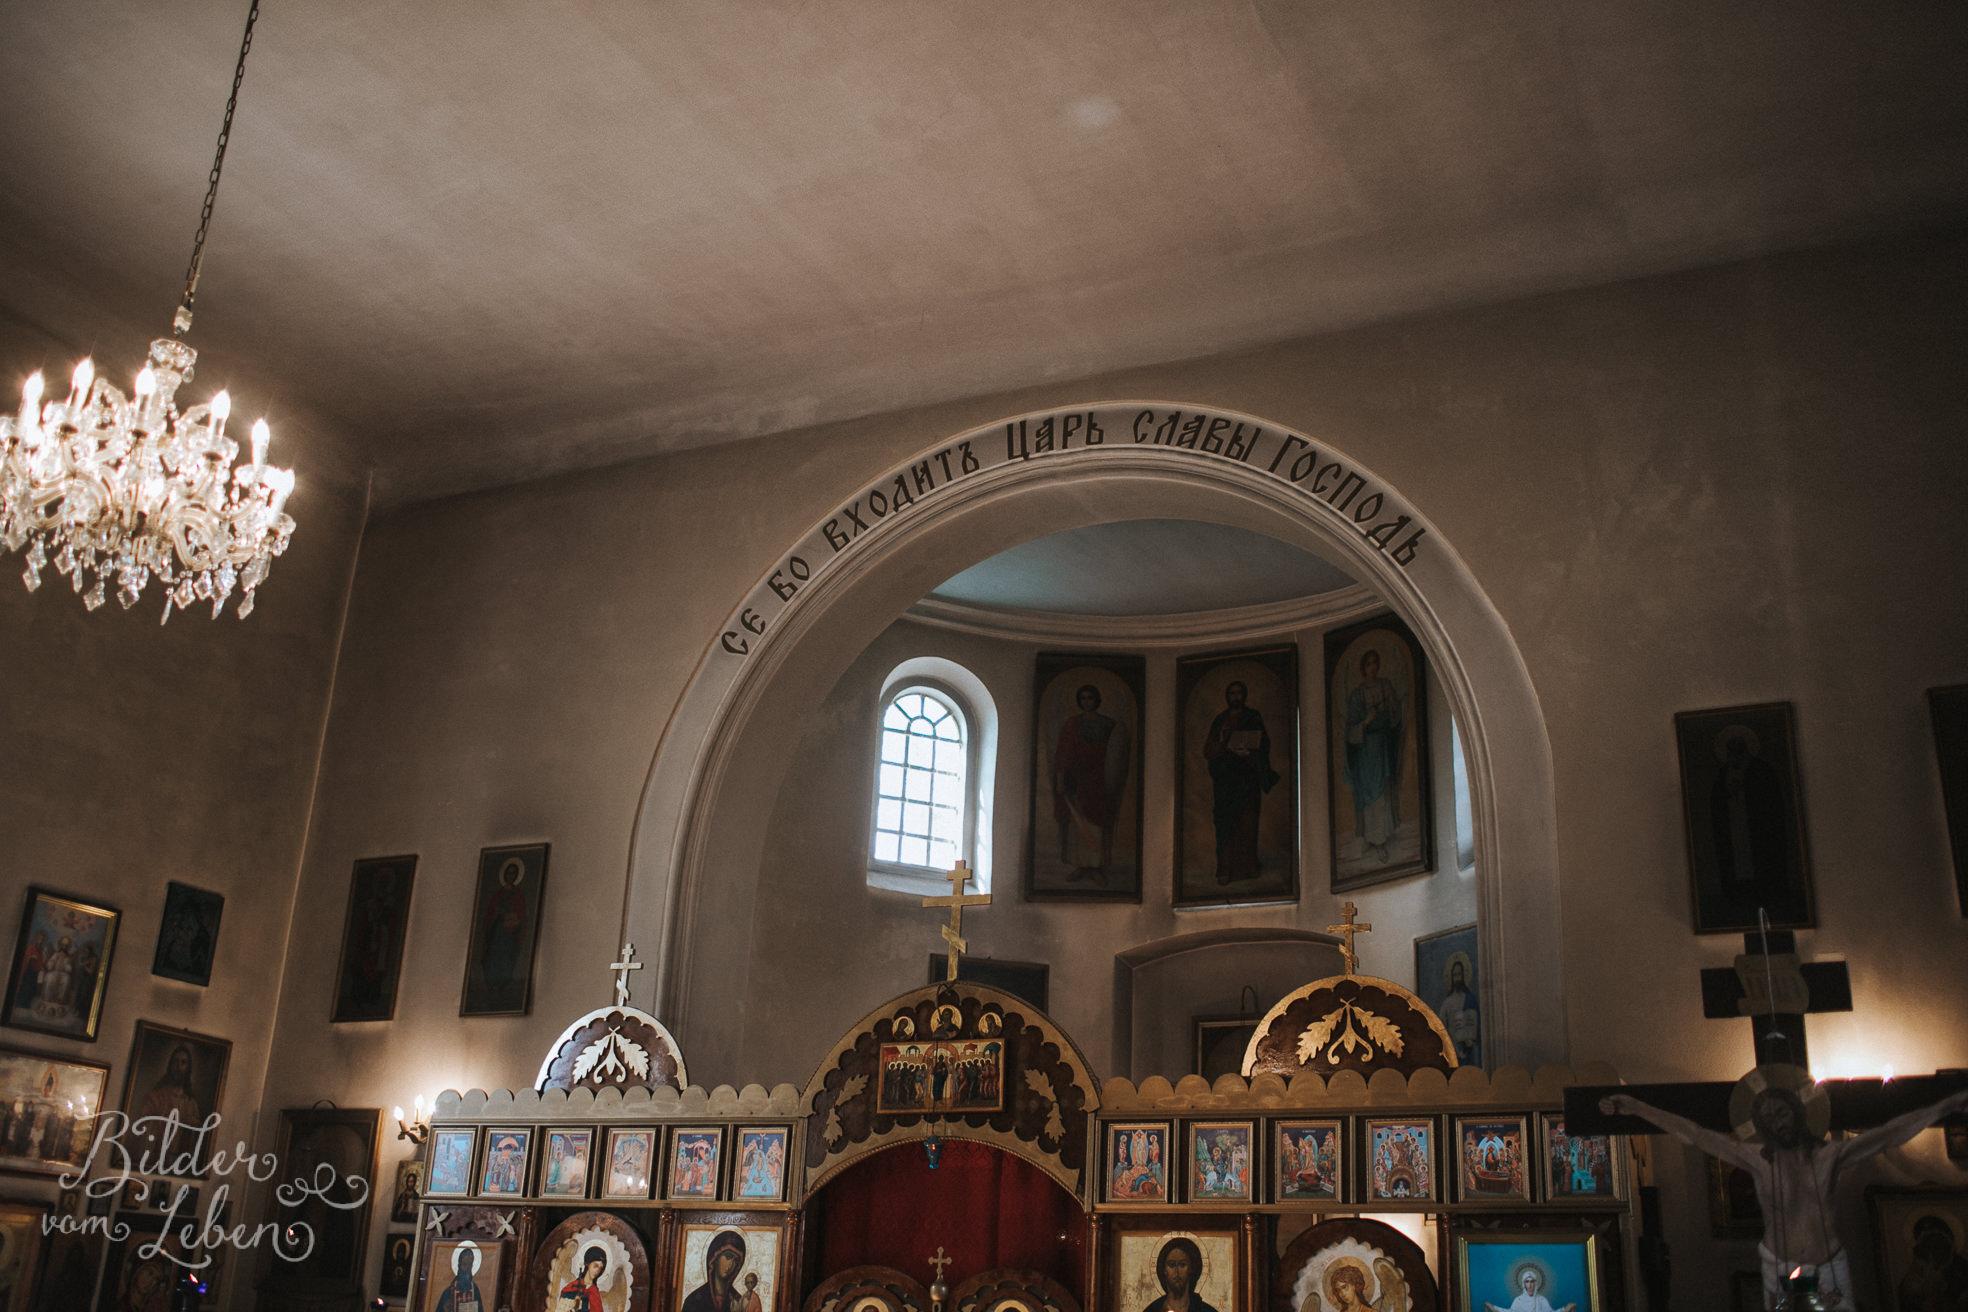 47-Russisch-orthodoxe-taufe-regensburg-mila-IM3C4927